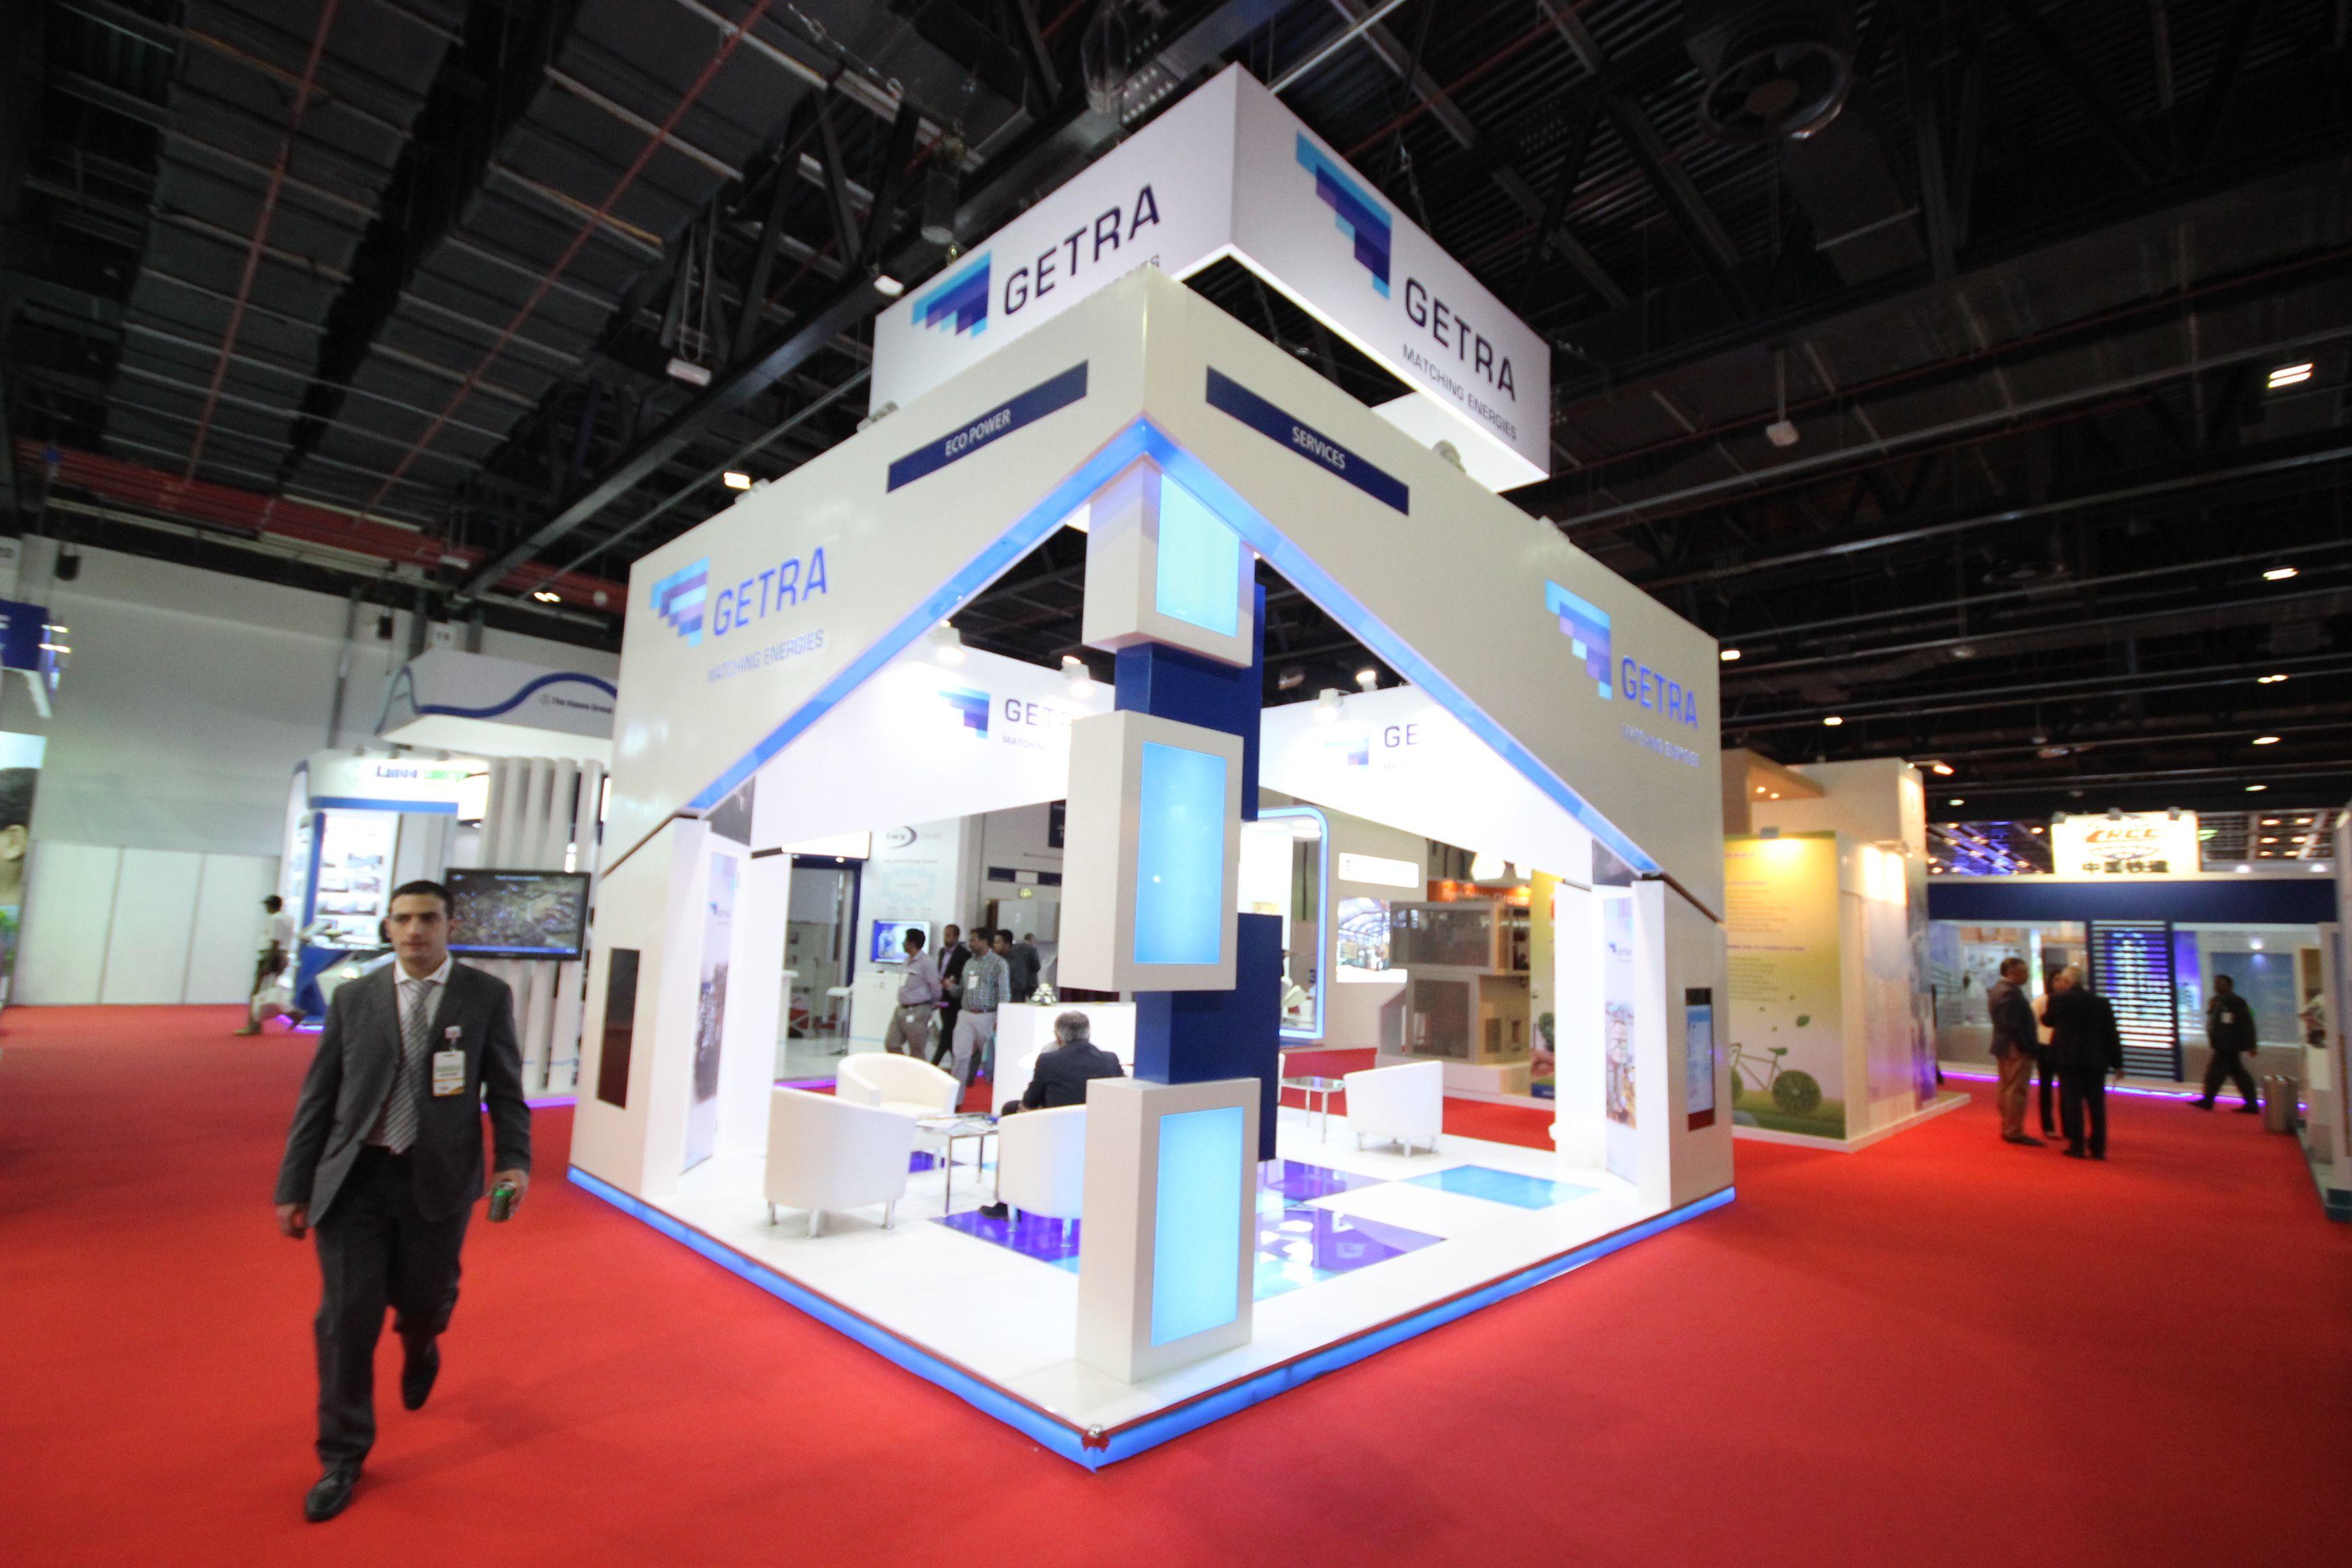 Exhibition Stand Contractors Dubai : Exhibition stand contractor in dubai